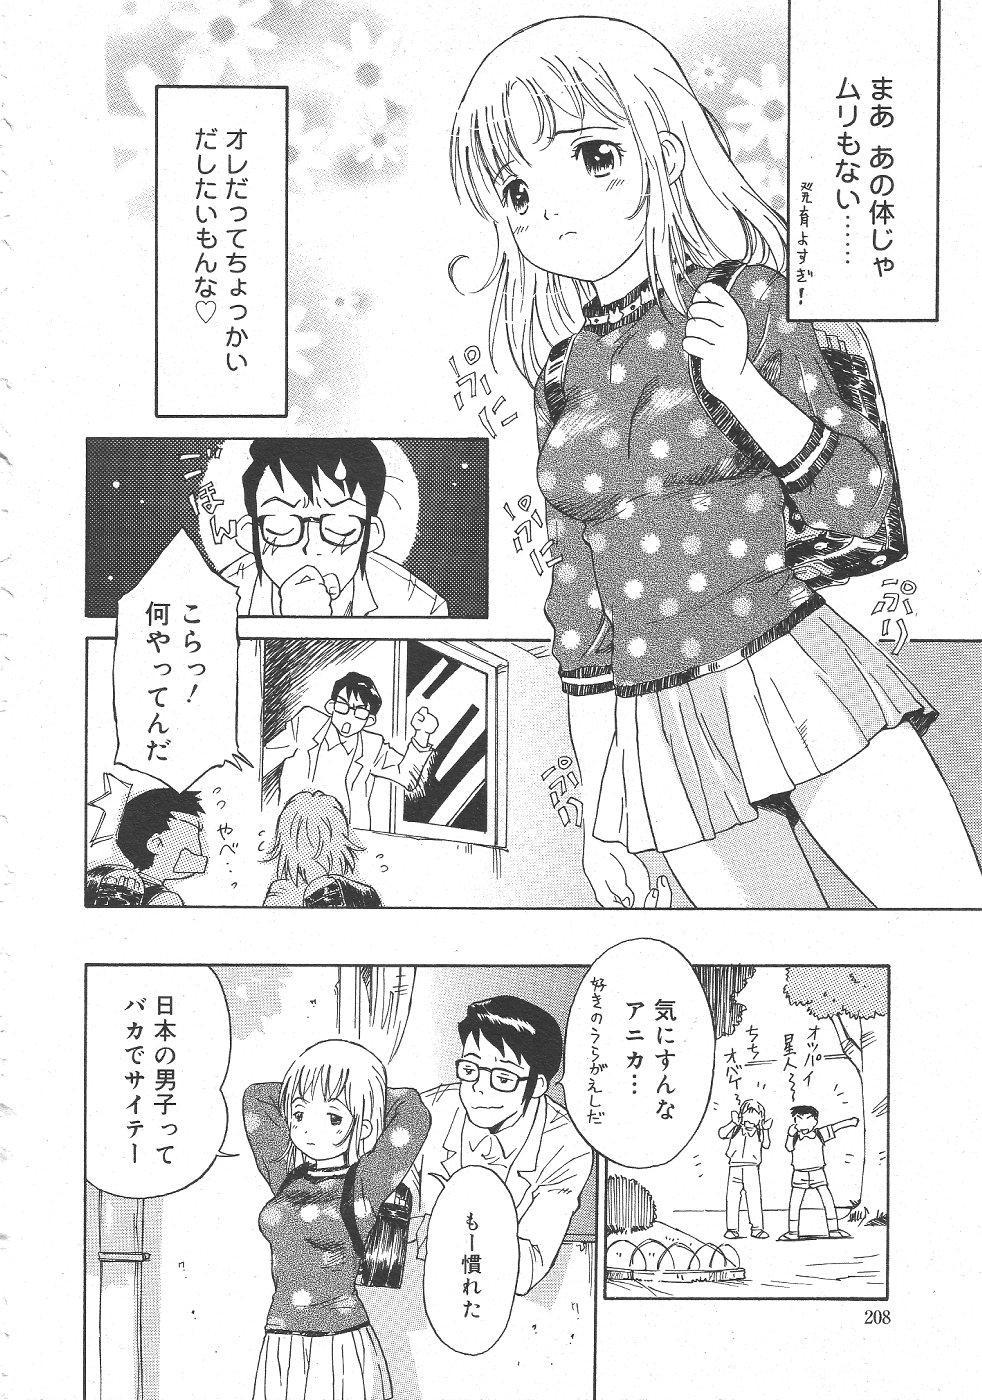 Gekkan Comic Muga 2004-06 Vol.10 211